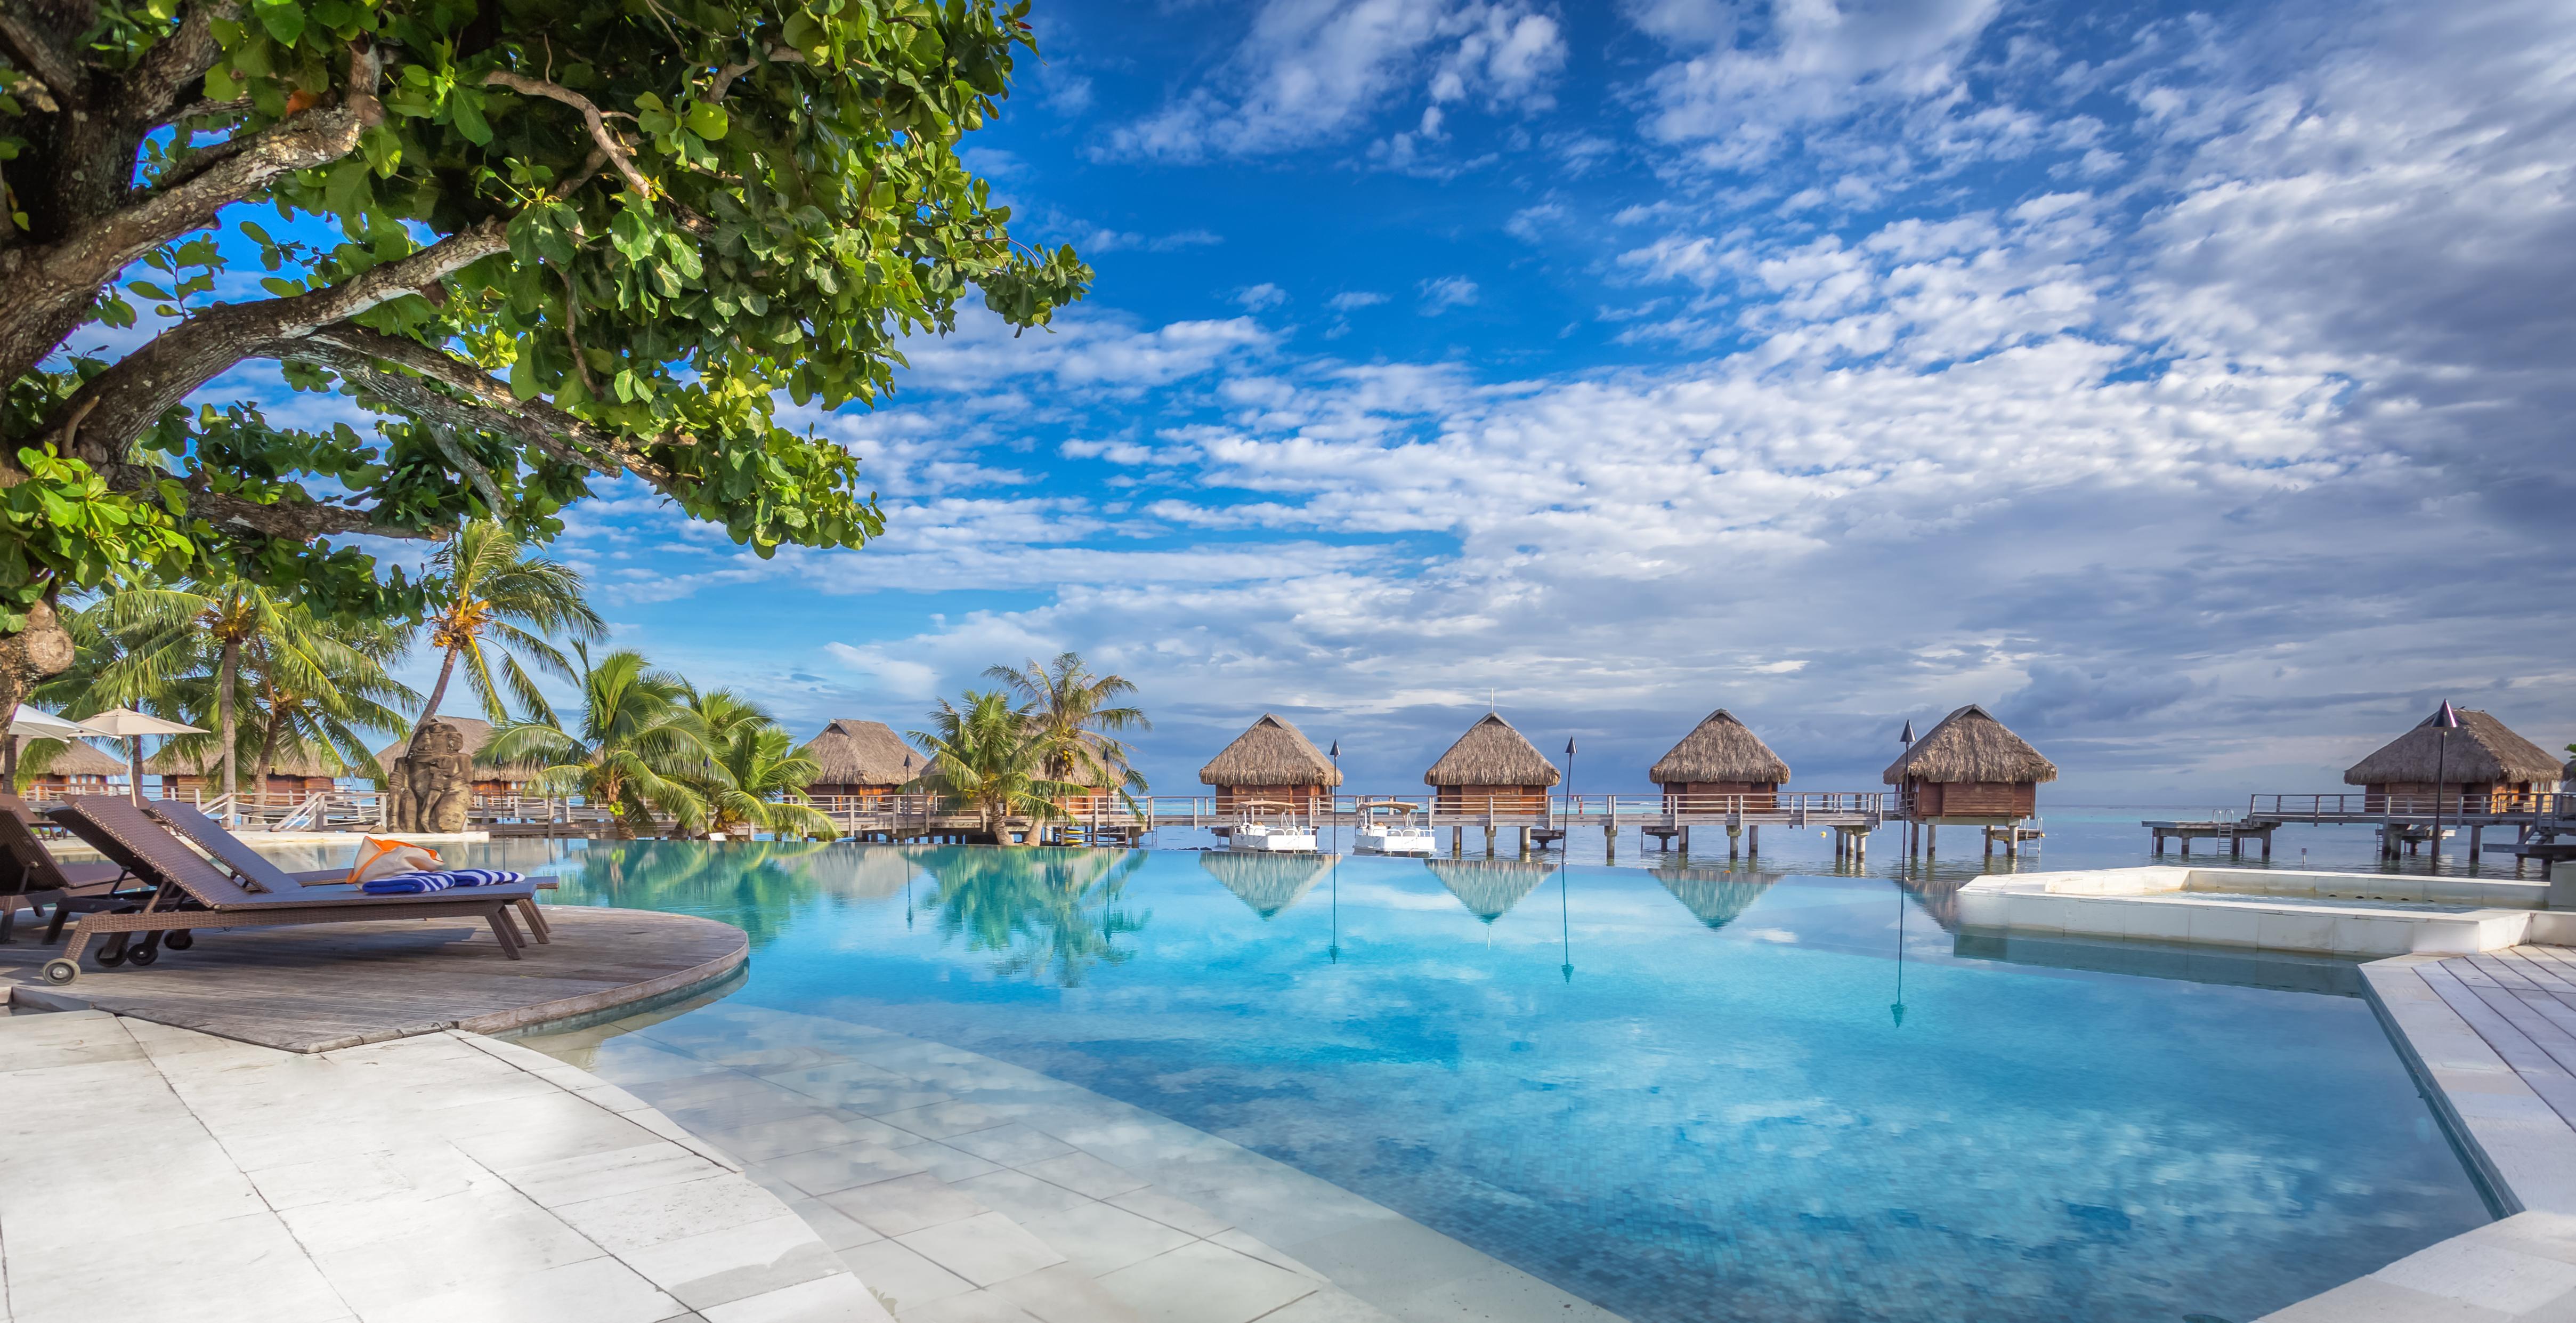 https://tahititourisme.be/wp-content/uploads/2017/08/HEBERGEMENT-Manava-Beach-Resort-and-Spa-Moorea-1-Charles_Veronese.jpg